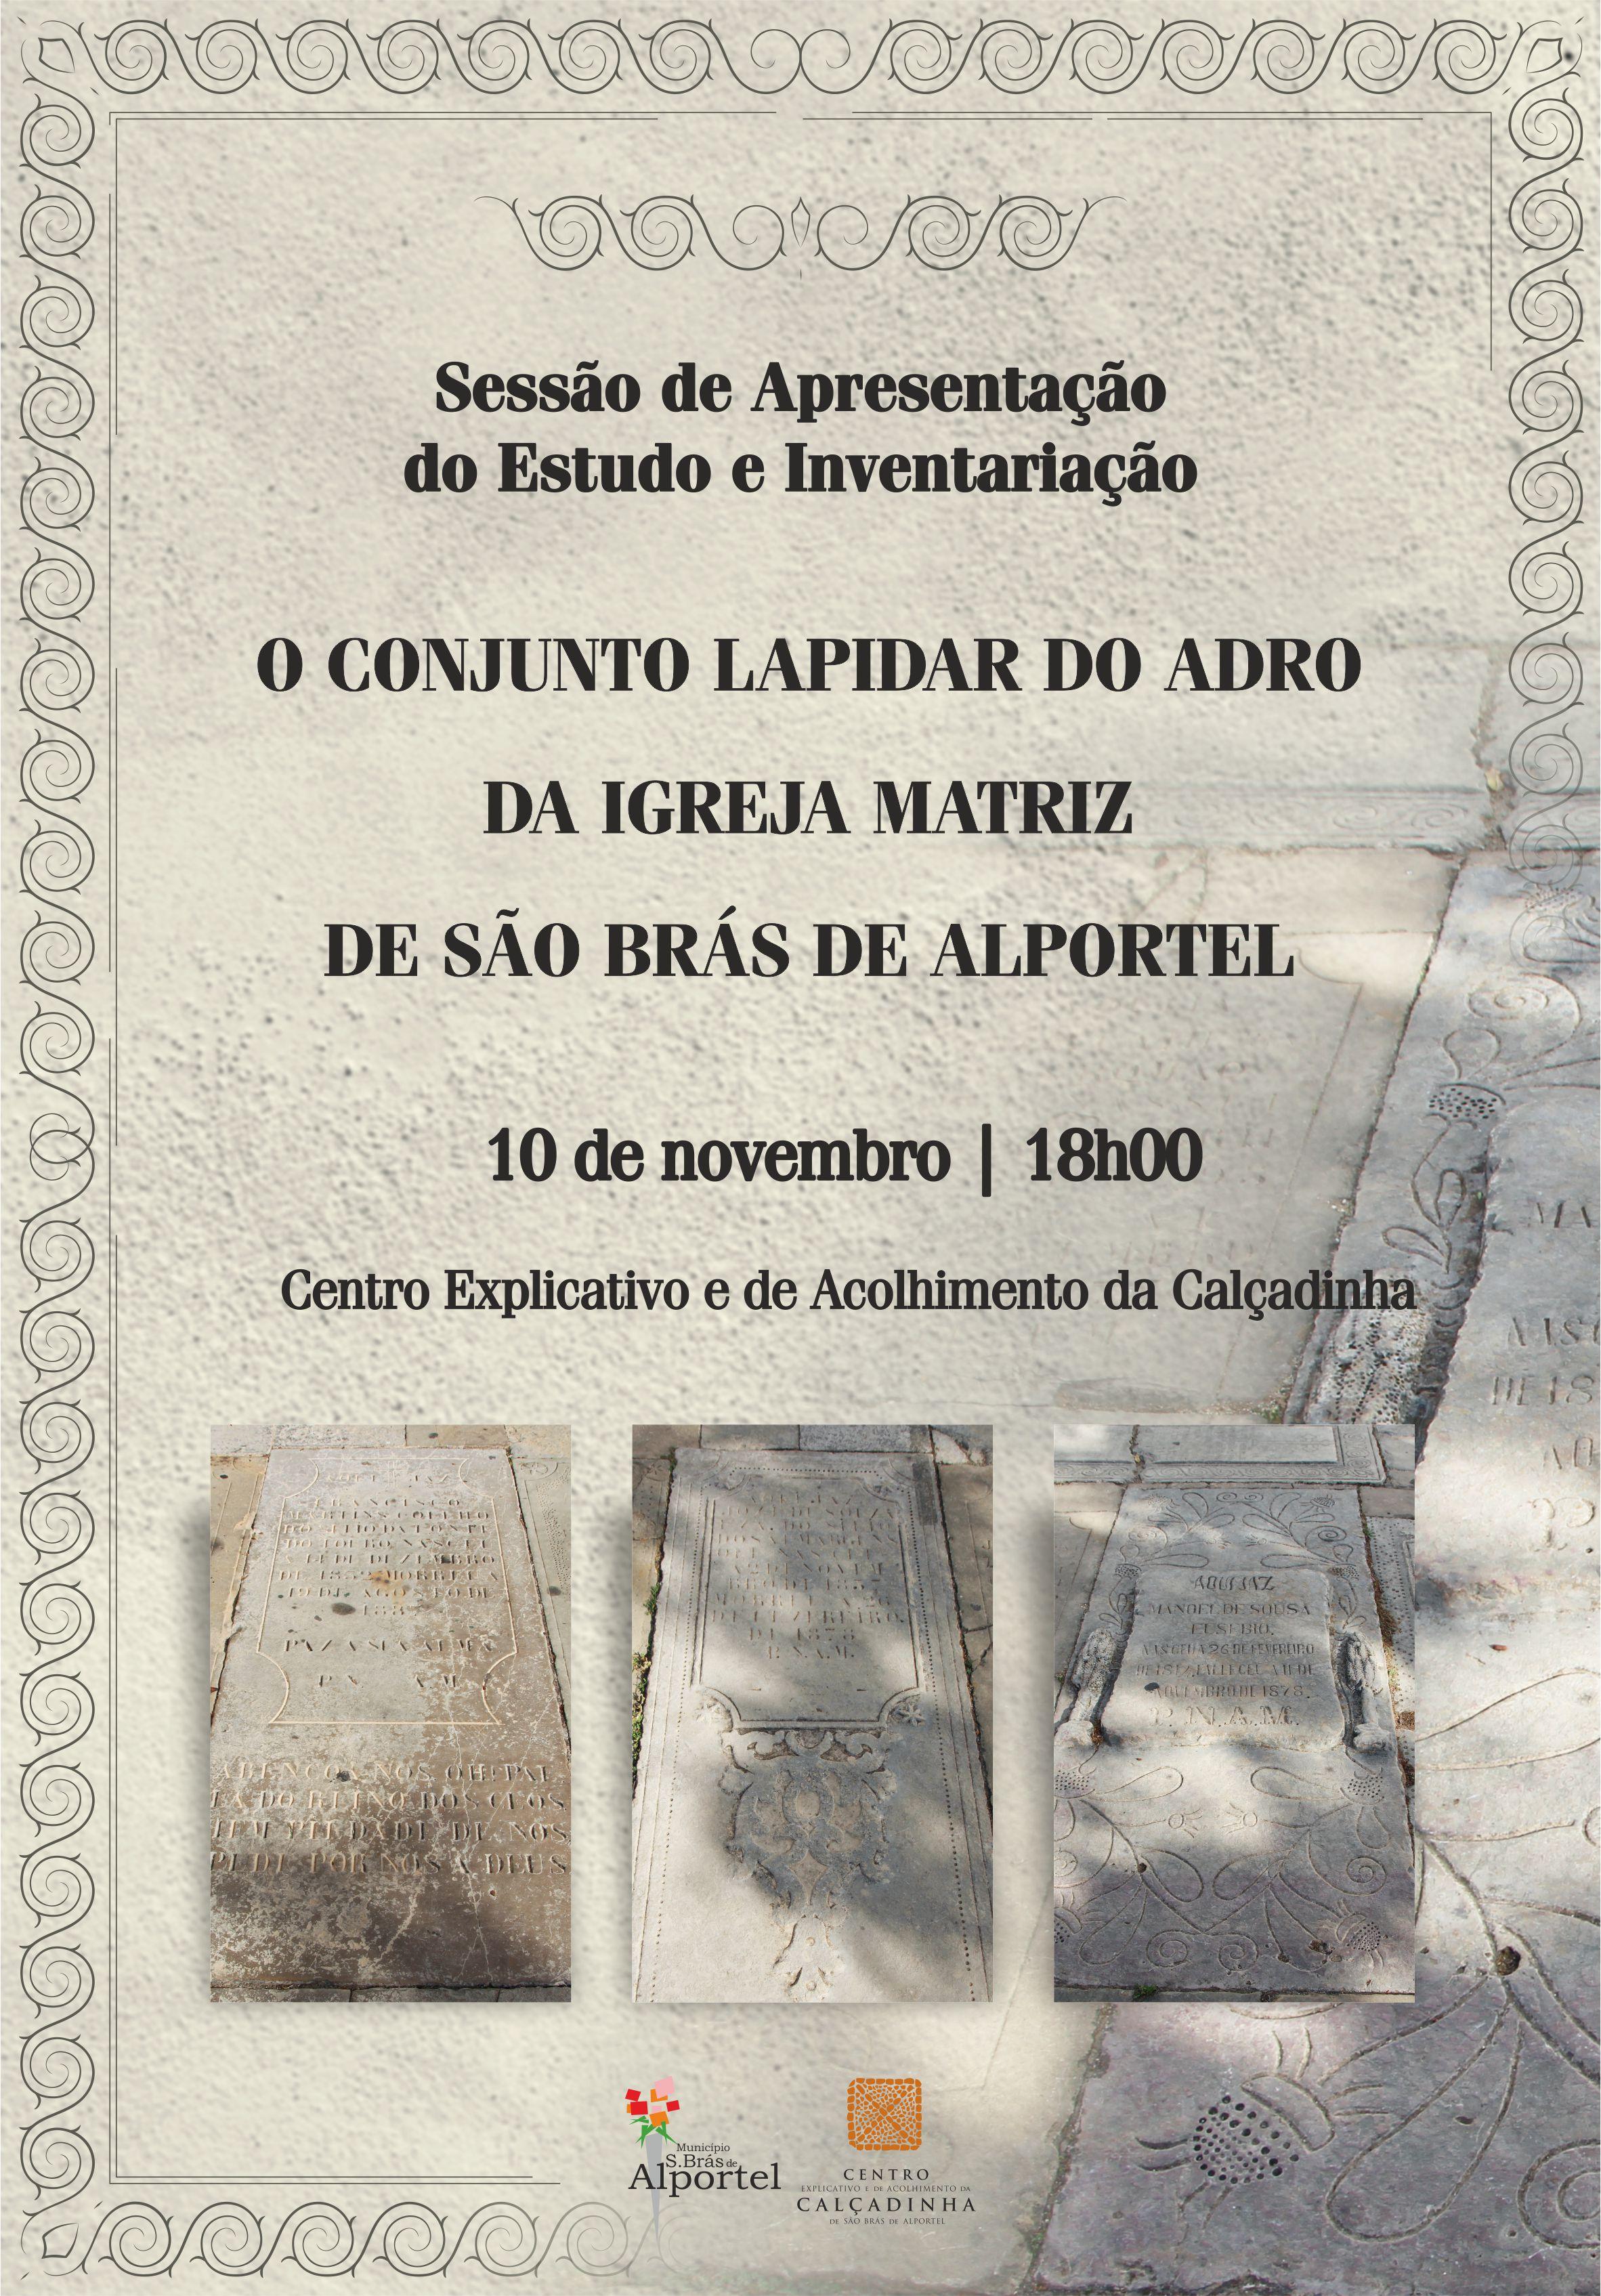 cartaz de apresentação do estudo